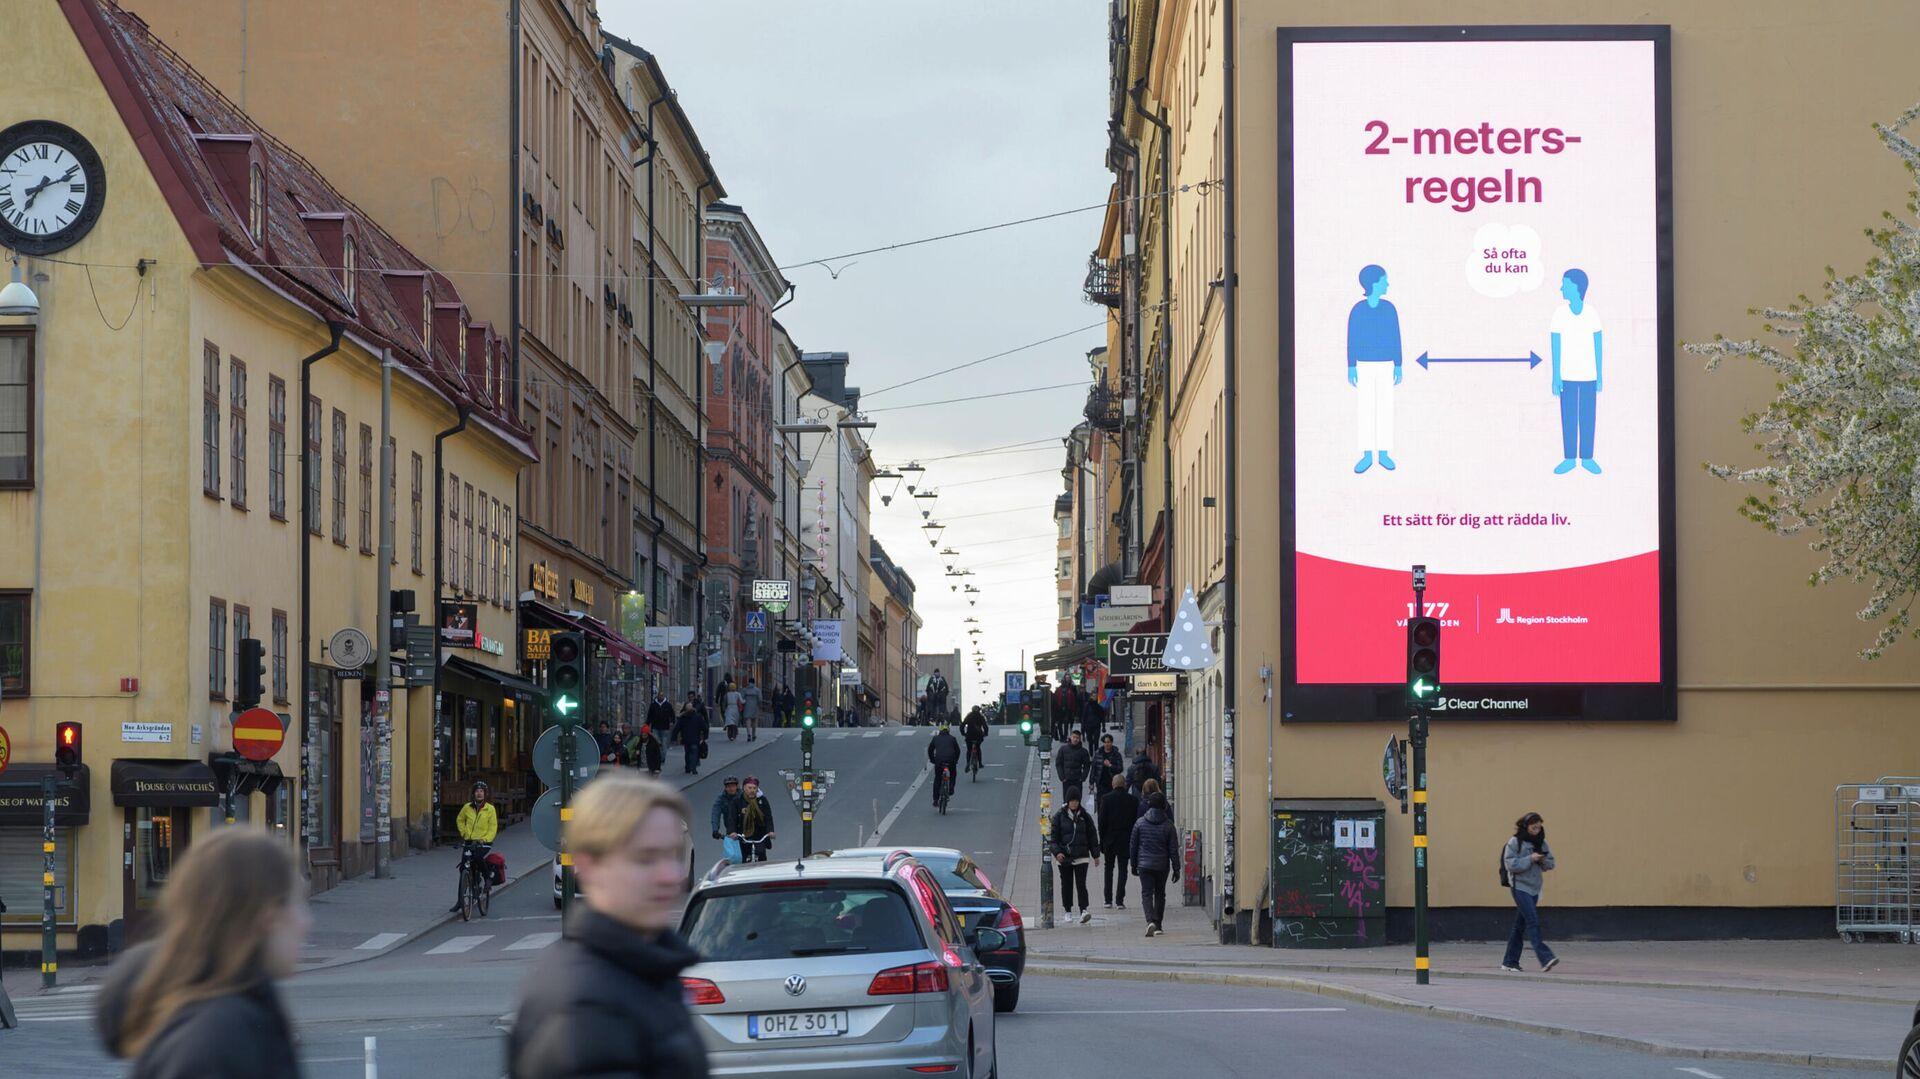 Плакат с напоминанием о социальной дистанции на фасаде дома в Стокгольме, Швеция  - РИА Новости, 1920, 05.06.2020